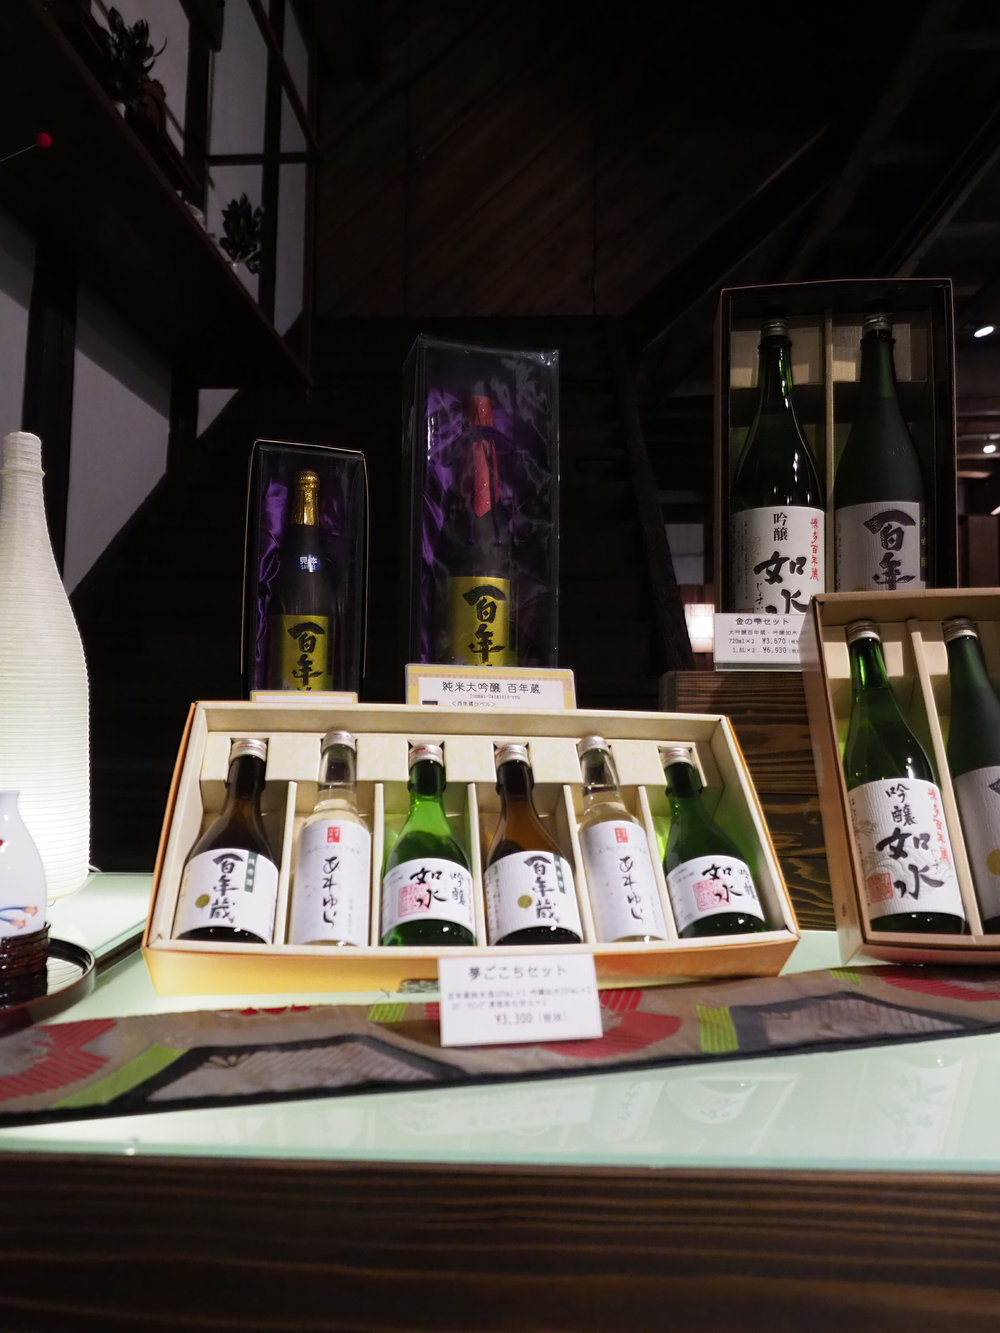 Ishikura Brewery Hakata Hyakunengura